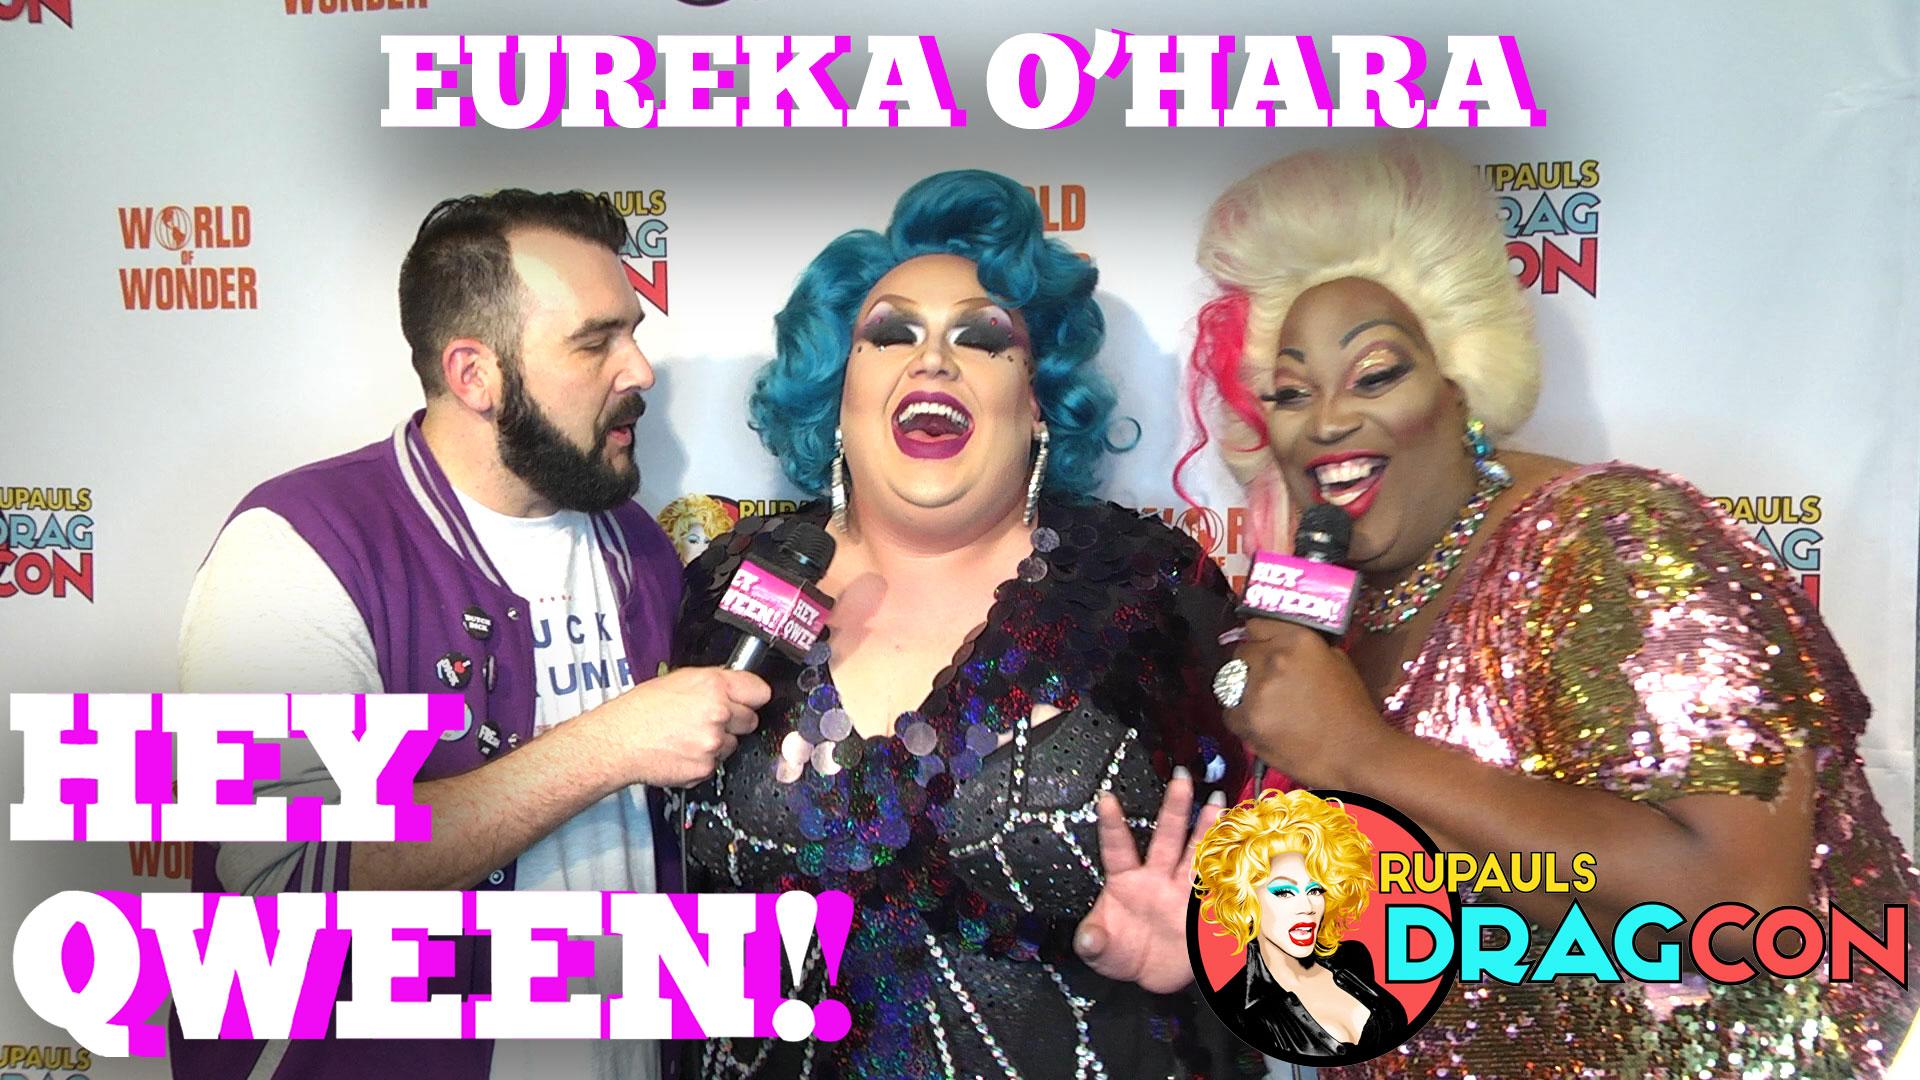 Eureka O'Hara At DragCon 2017 On Hey Qween!